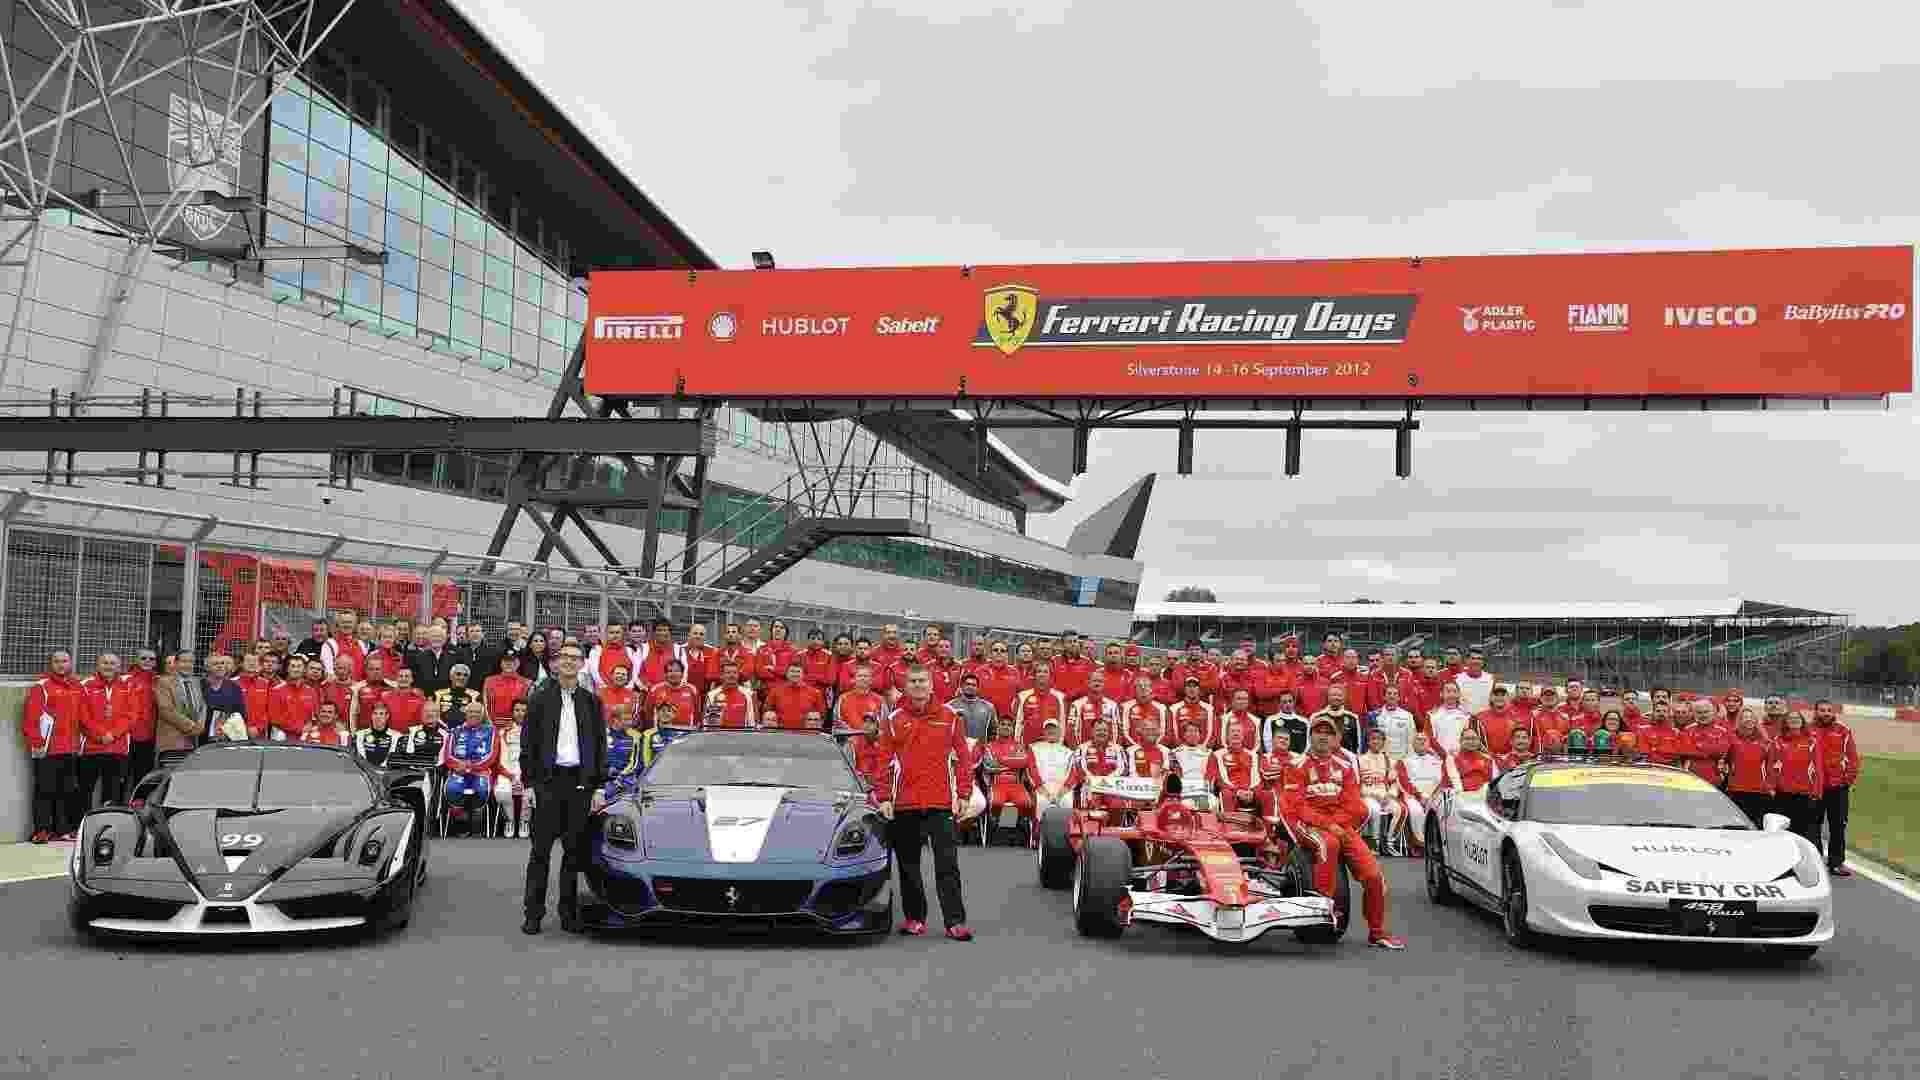 Ferrari reúne 964 carros em Silverstone (Inglaterra) para bater o recorde do Guinness Book -- a marca anterior era de 490 carros, em Fuji (Japão), em 2008. O brasileiro Felipe Massa participou a bordo da 458 Spider - Newspress